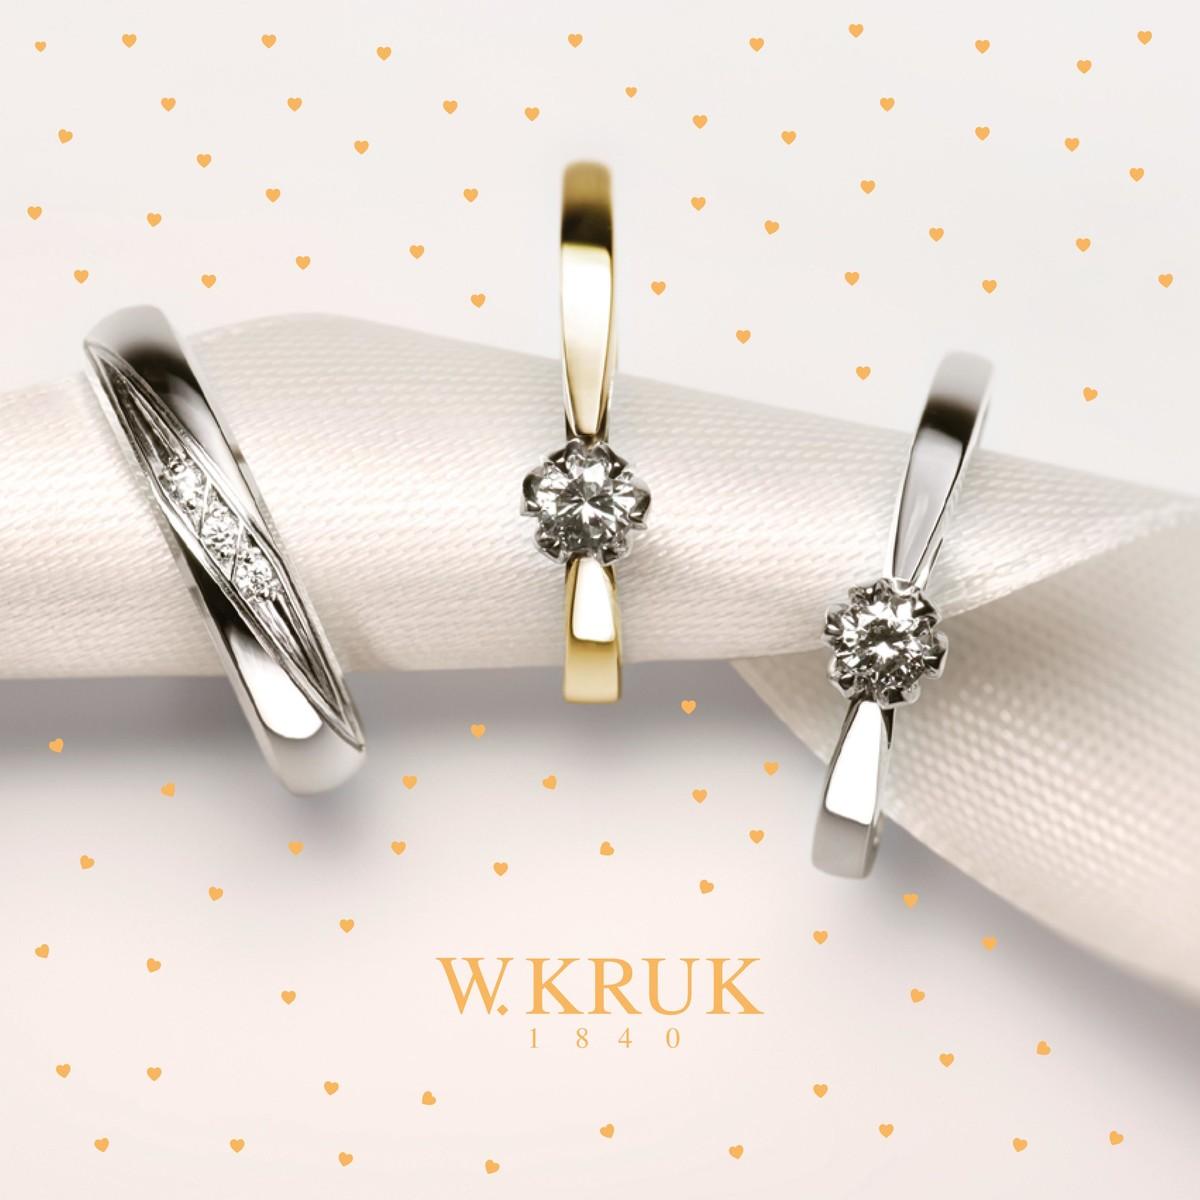 Gazetka W.KRUK - Symbol Miłości - Katalog obrączkowy